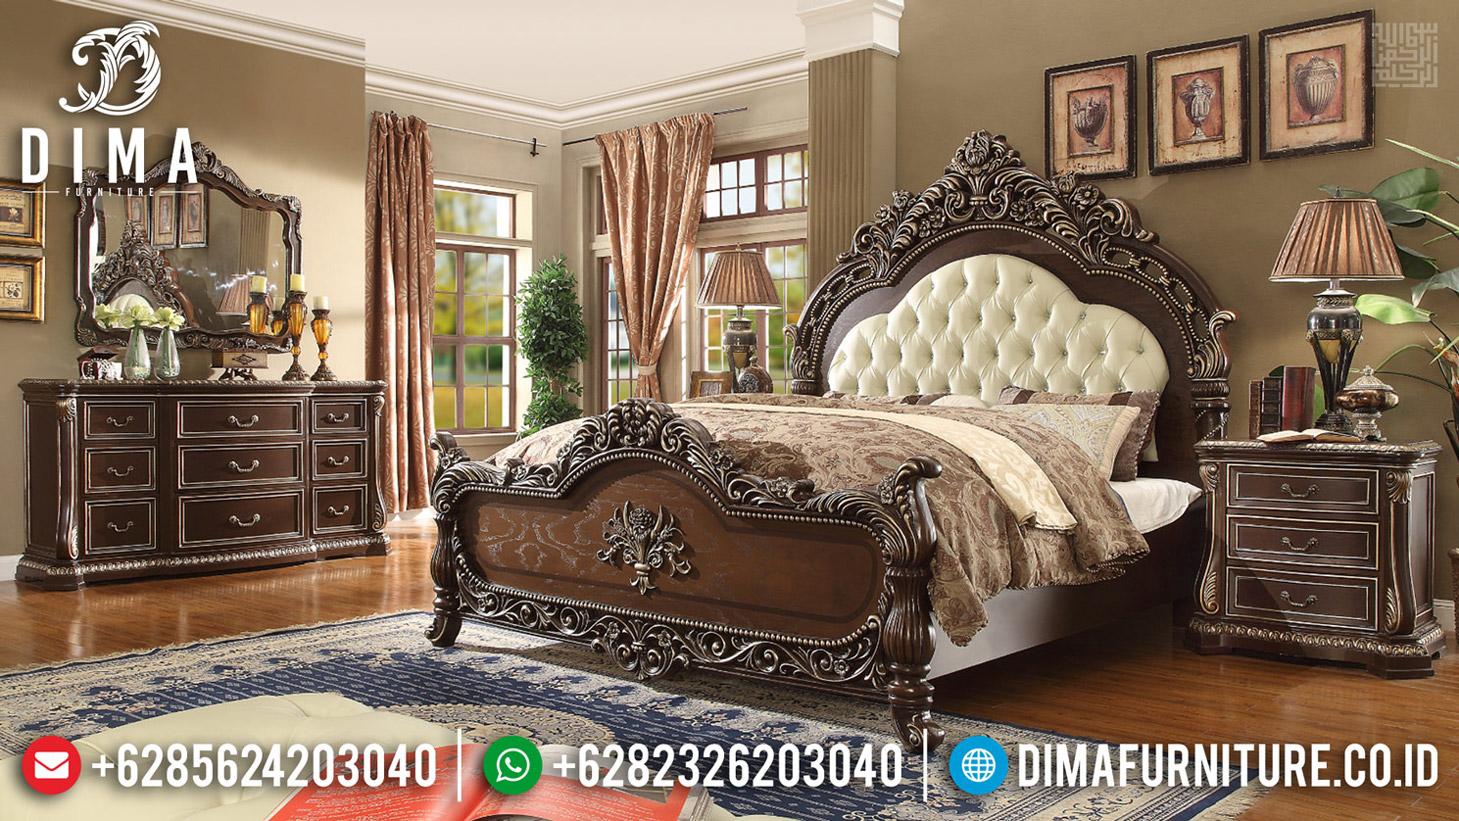 High Quality Tempat Tidur Mewah Jati Harga Terjangkau Furniture Jepara TTJ-0597